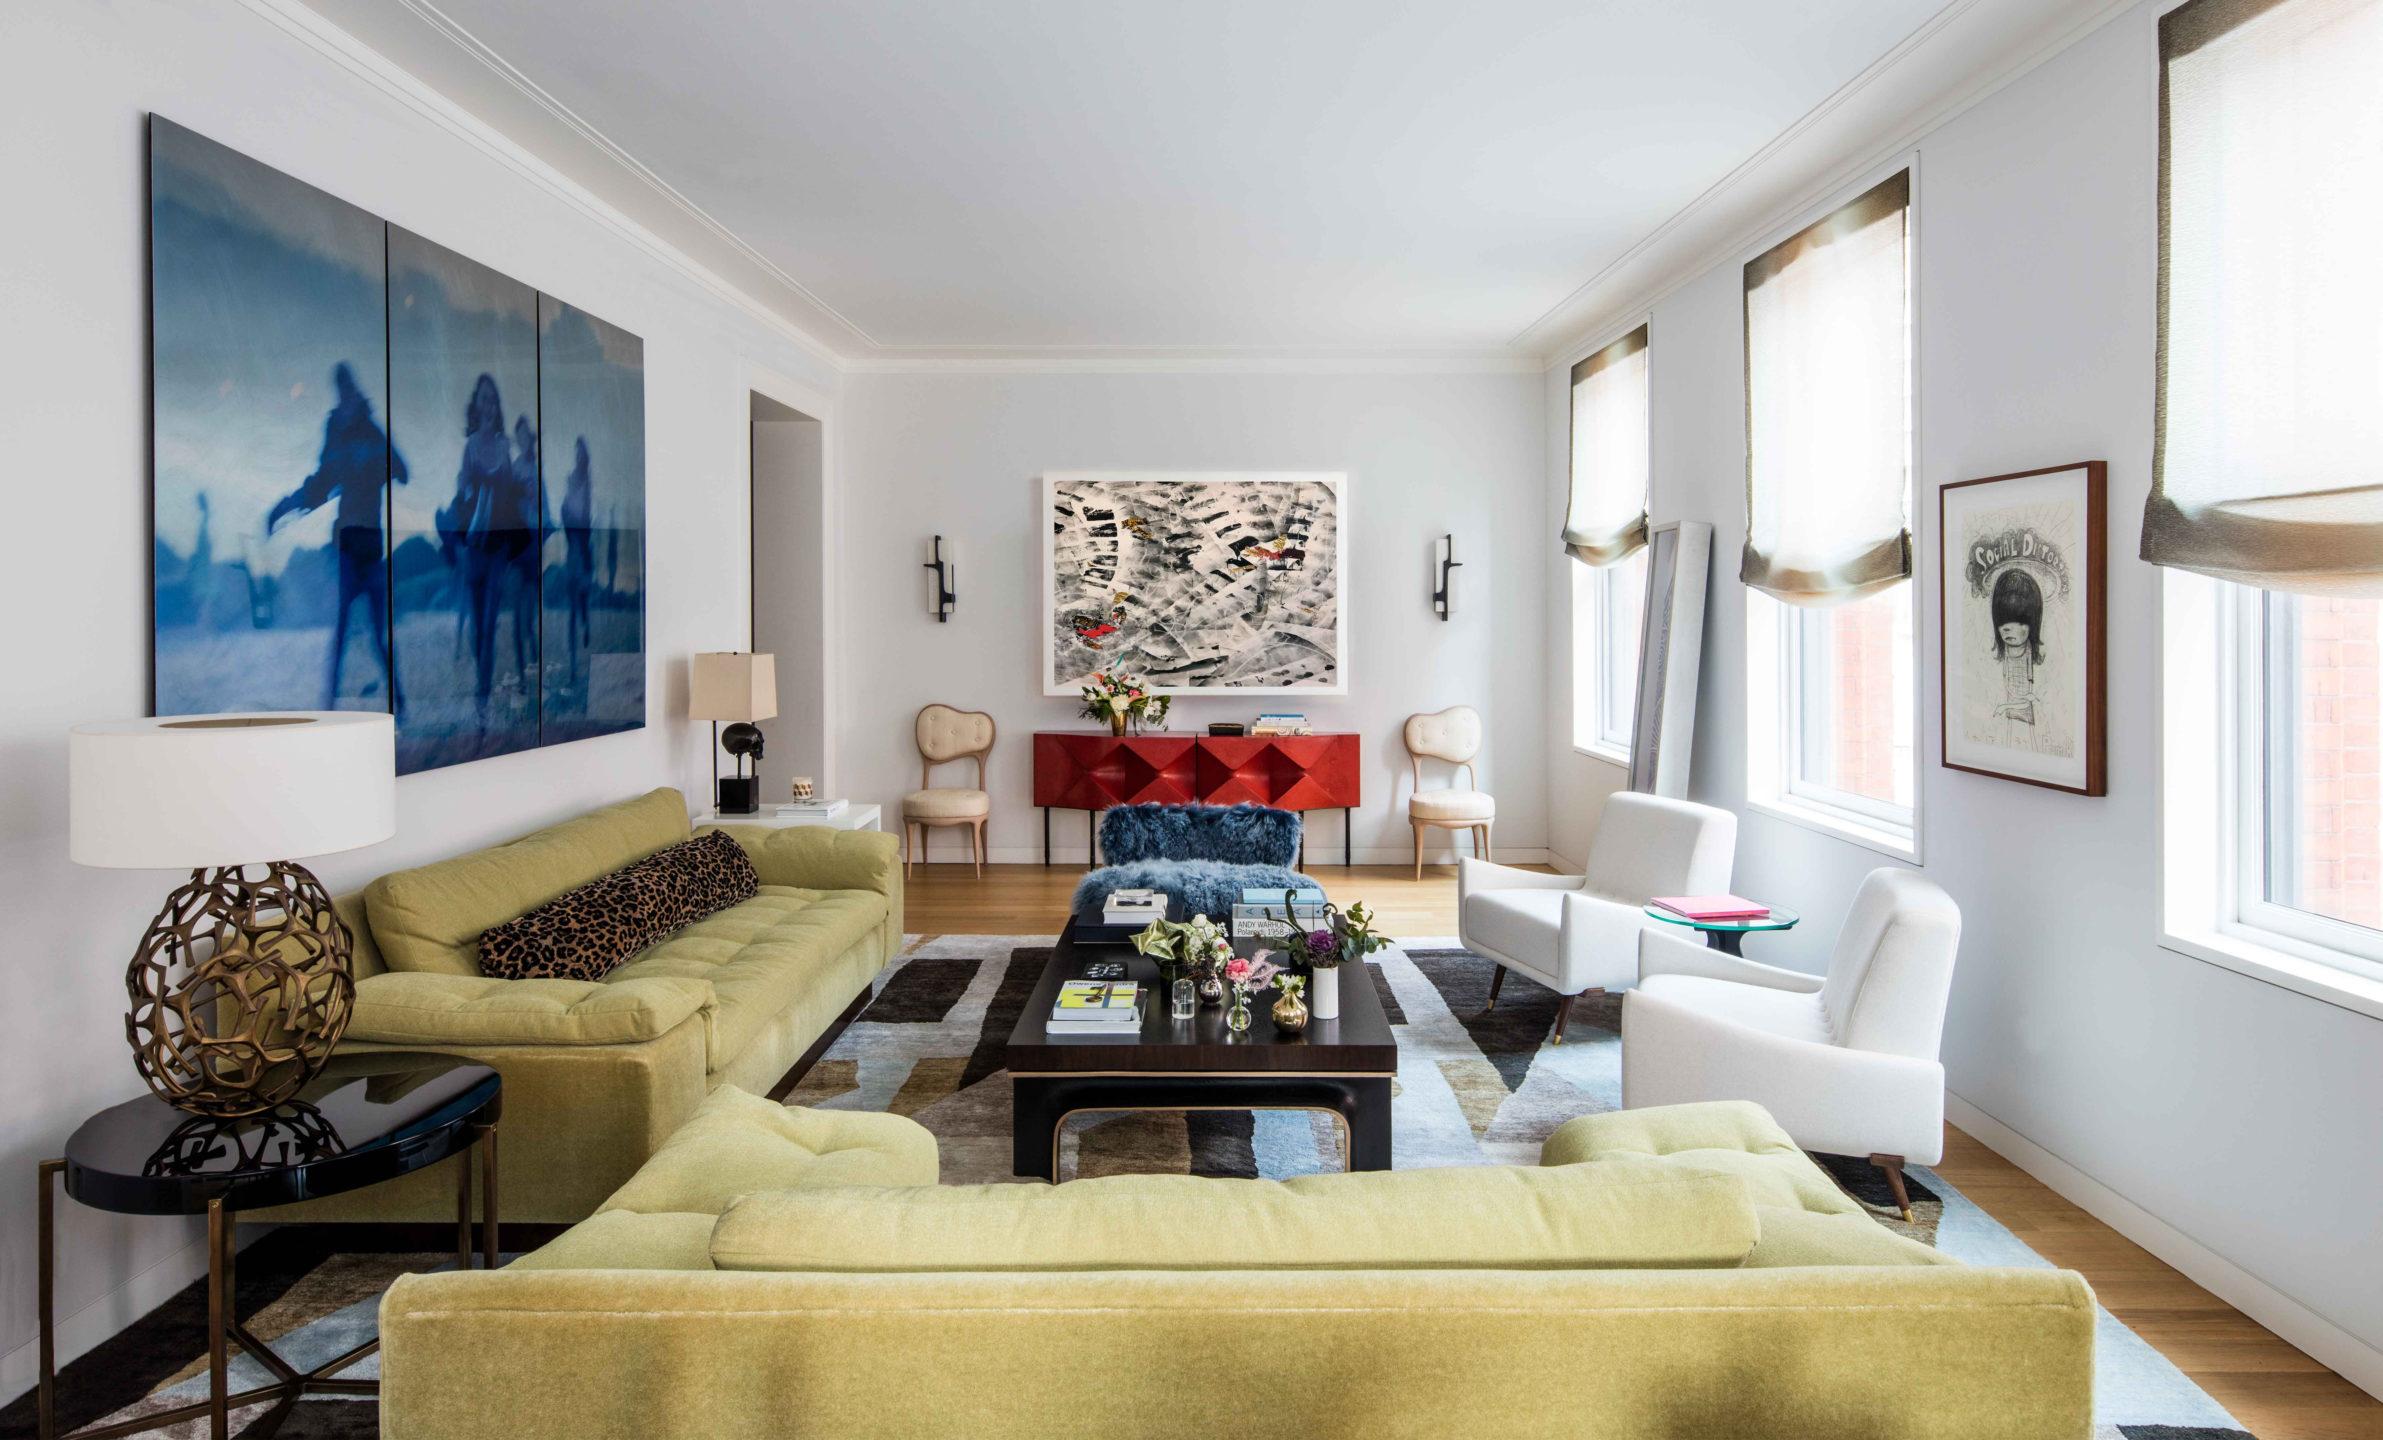 7-harrison-living-room-nicole-fuller-1